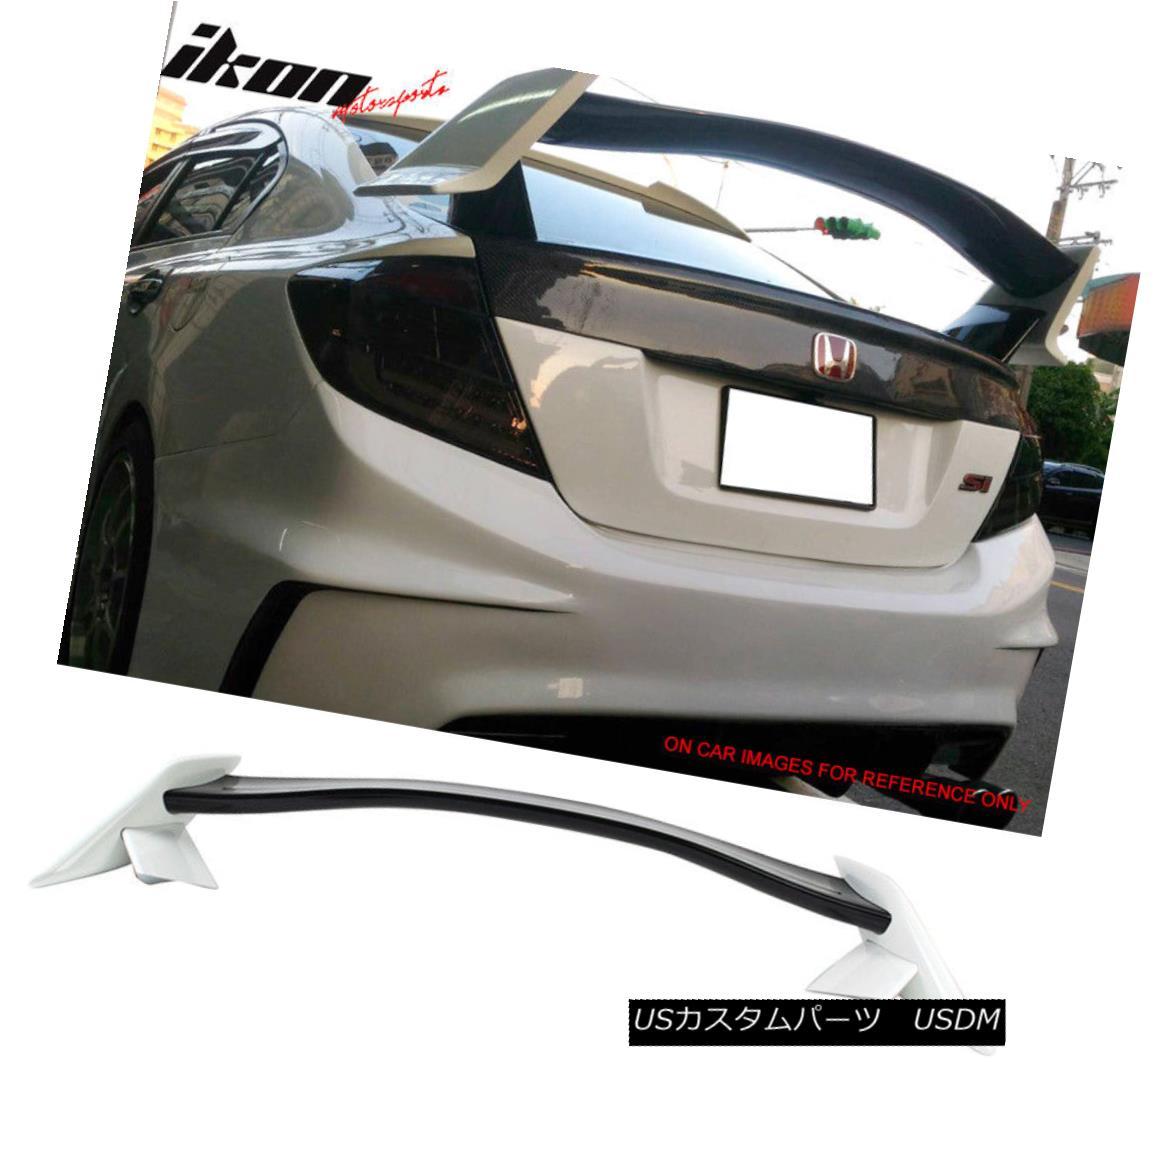 エアロパーツ Fits 12-15 Civic 9th Type R Trunk Spoiler Painted Glossy Black & Taffeta White フィット12-15シビック9thタイプRトランクスポイラー塗装光沢ブラック& タフタホワイト